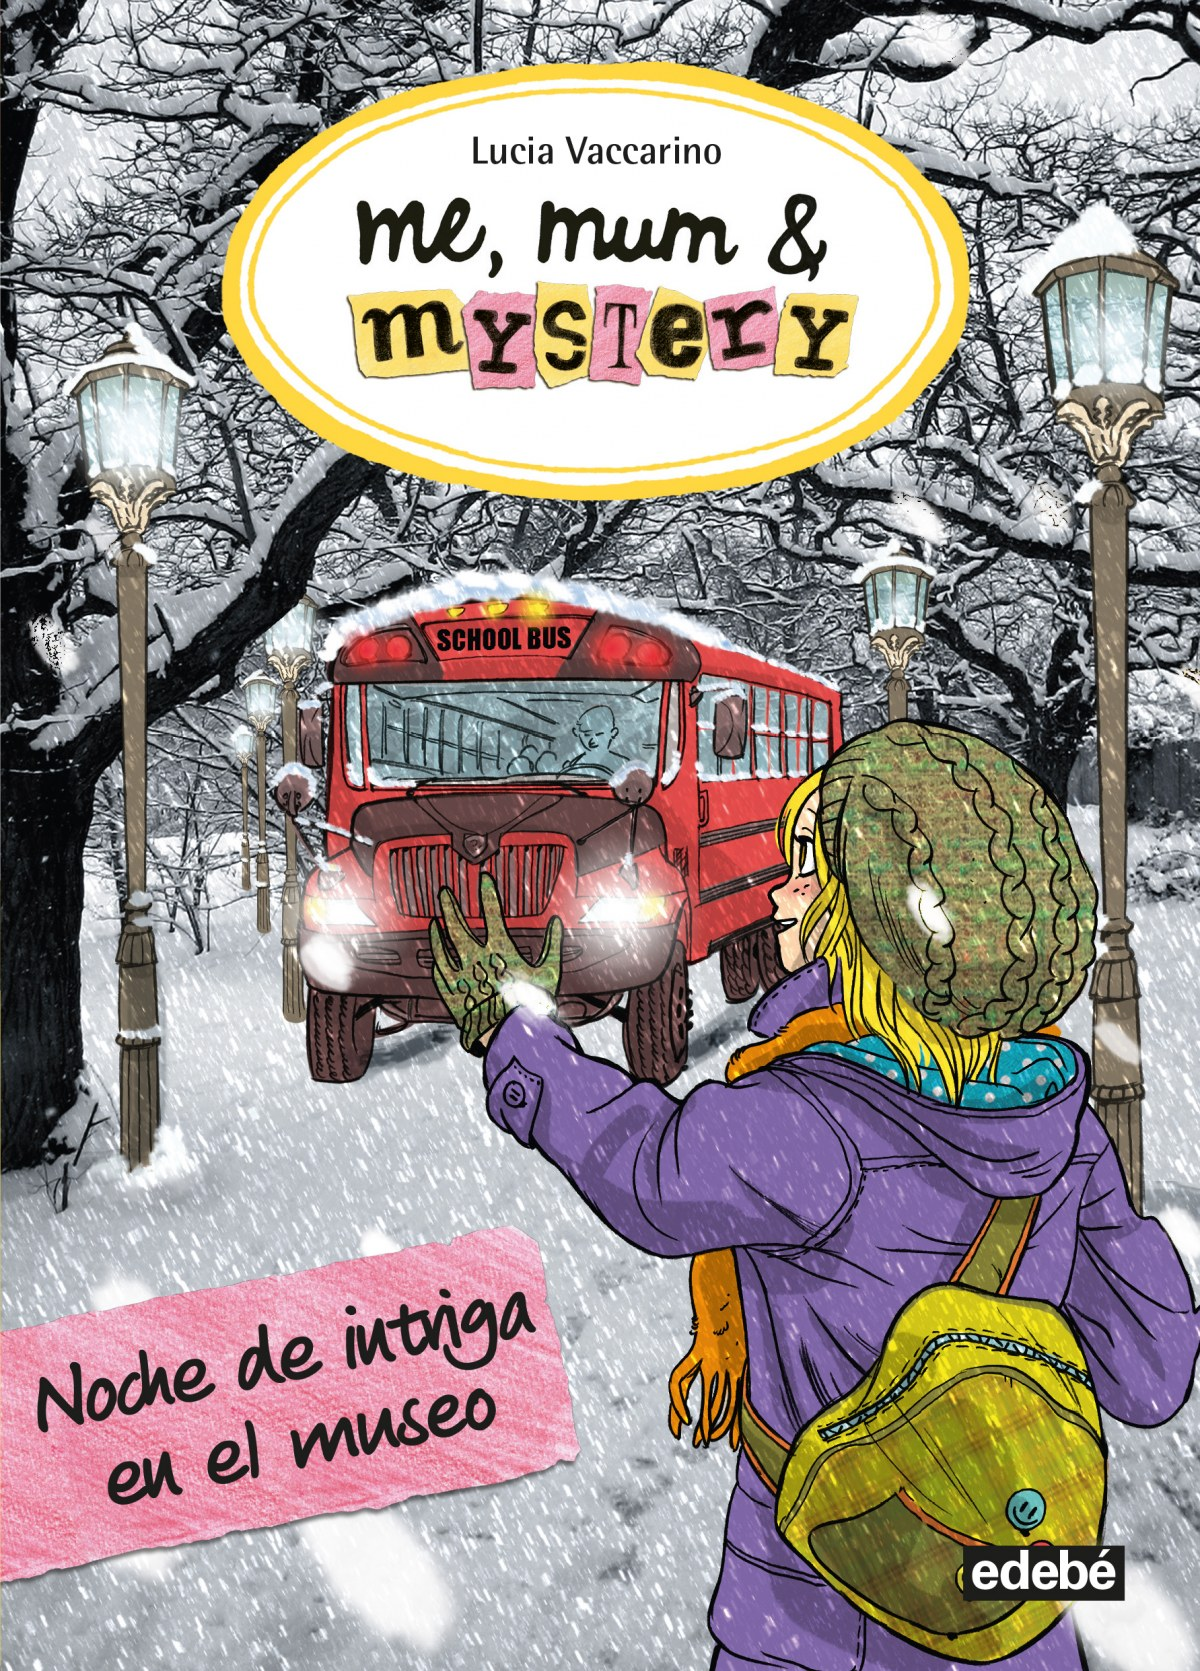 NOCHE DE INTRIGA EN EL MUSEO 9788468335070